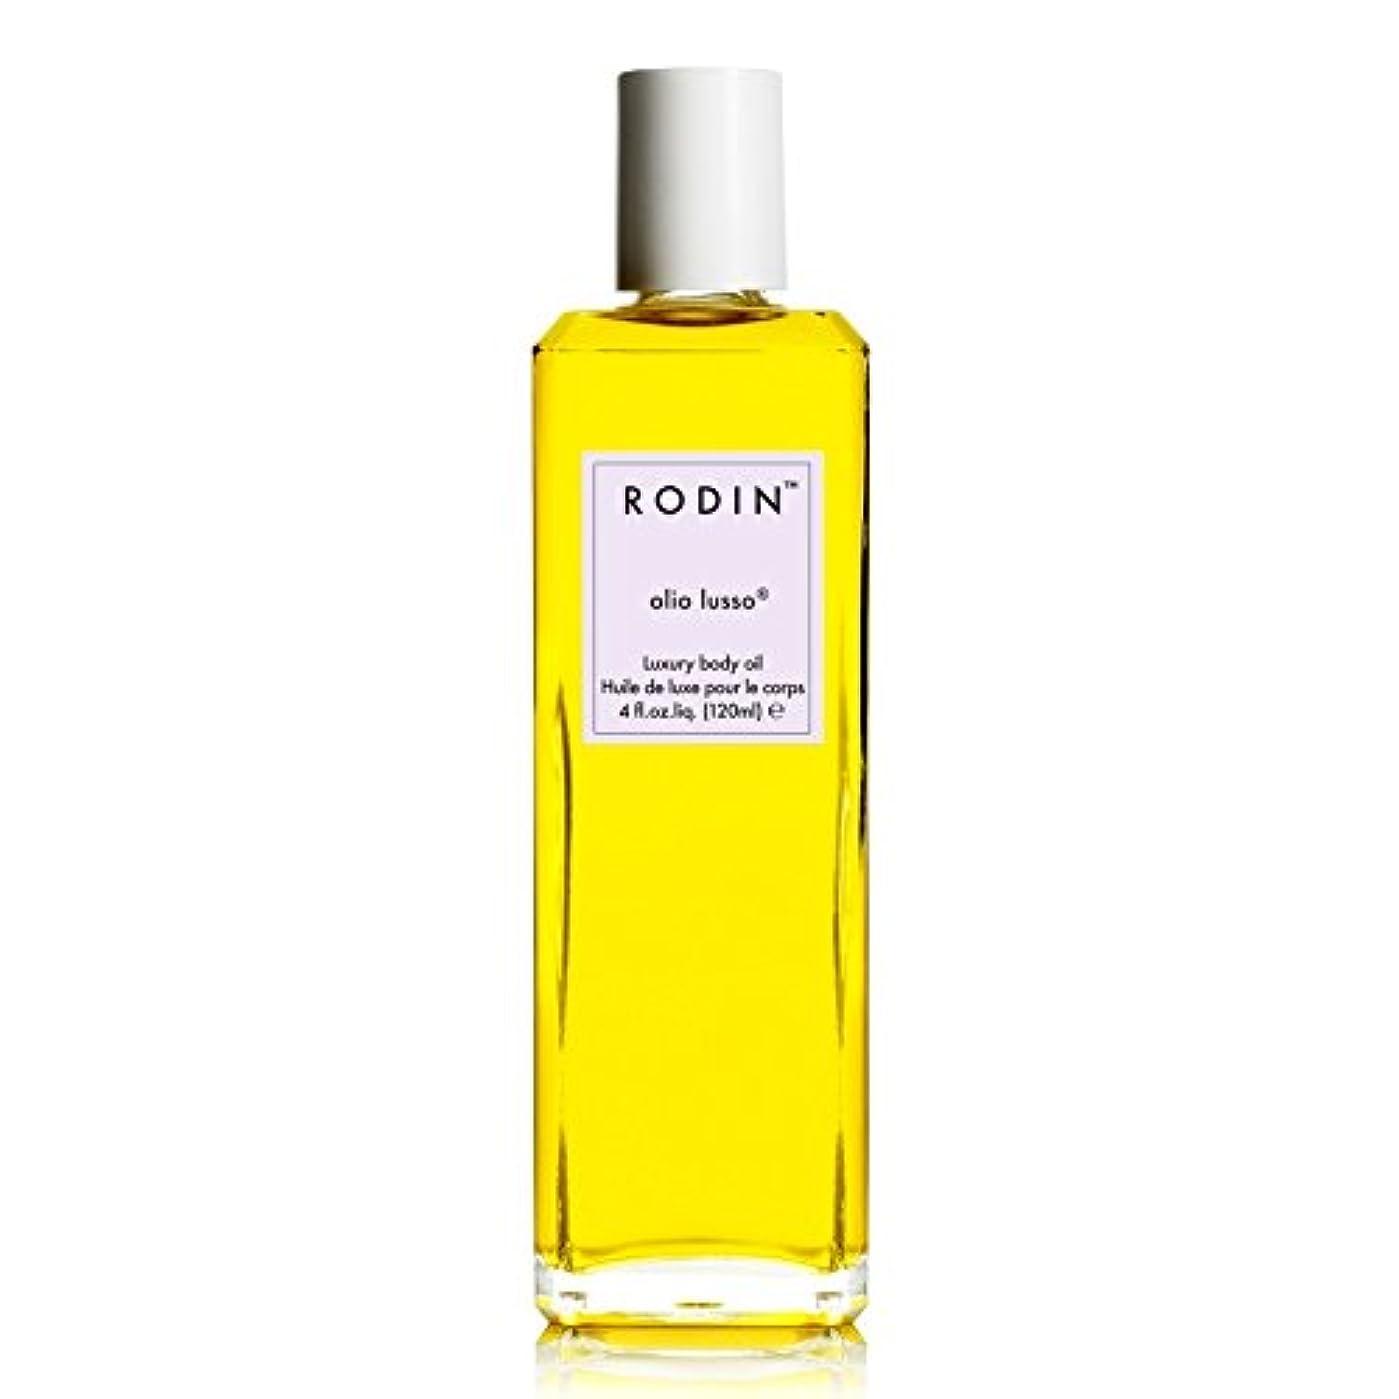 シールセンチメートルパラシュートロダンルッソラベンダー絶対贅沢なボディオイル30ミリリットル x2 - RODIN olio lusso Lavender Absolute Luxury Body Oil 30ml (Pack of 2) [並行輸入品]